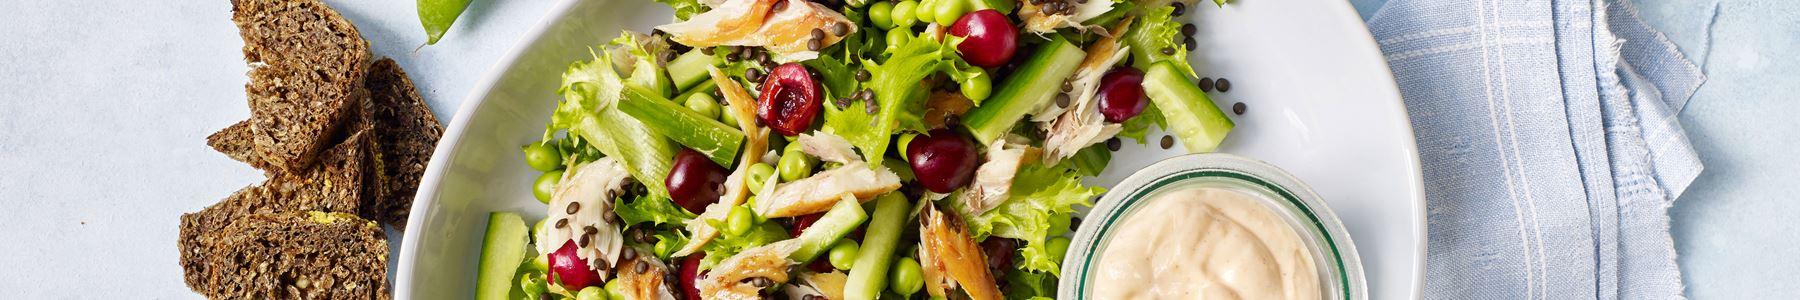 Hurtig + Kirsebær + Salater